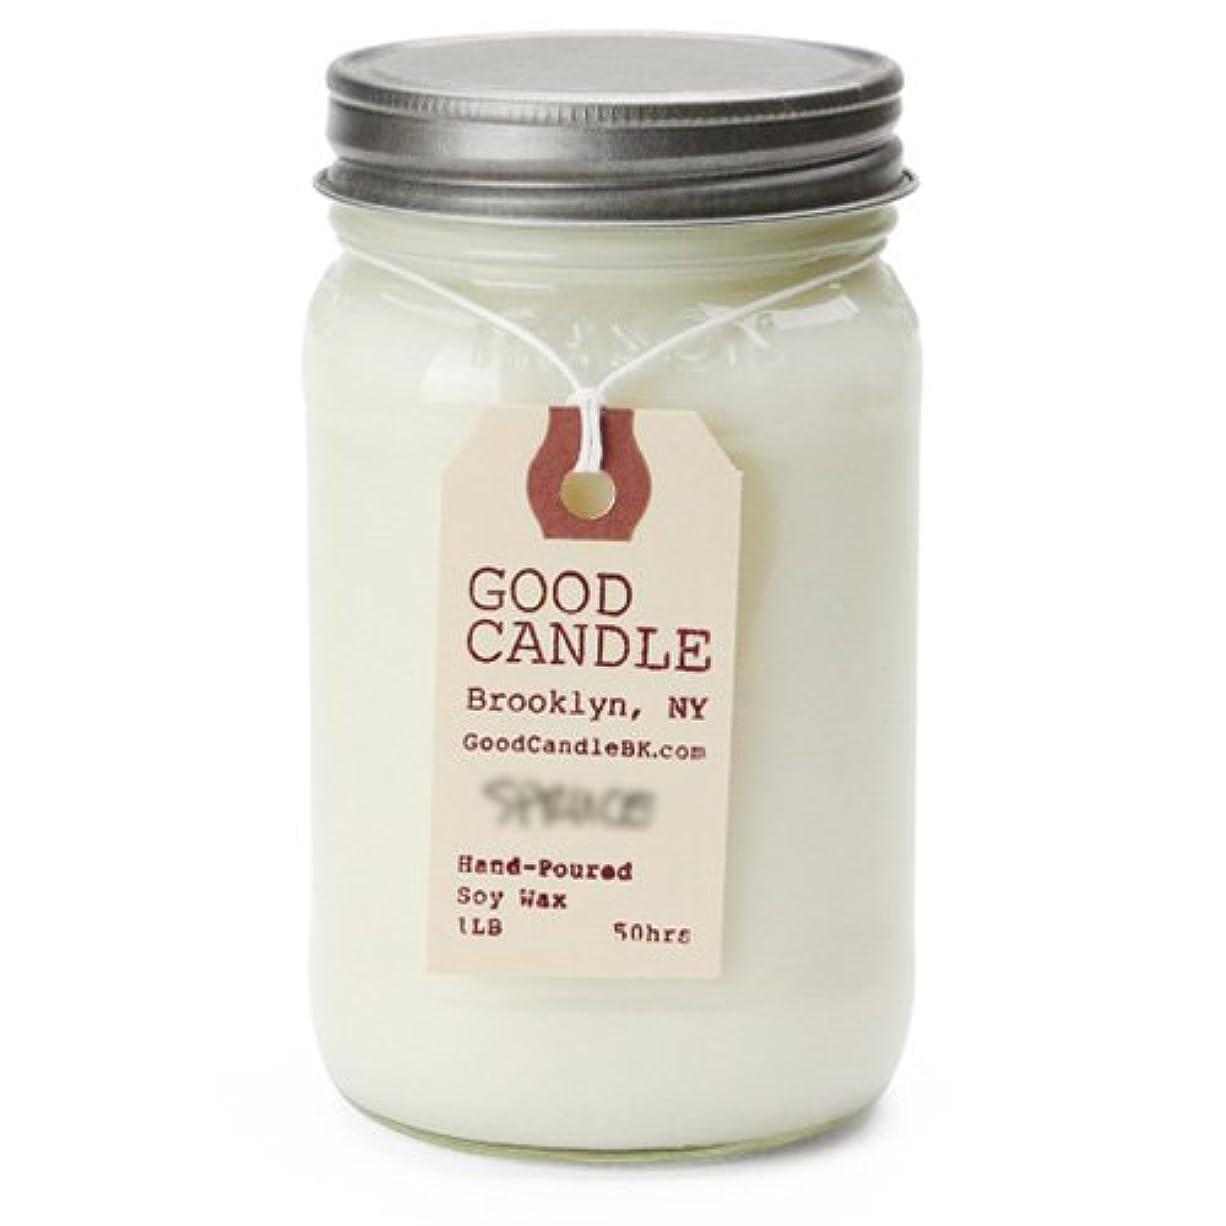 共役インポートスリーブグッドキャンドル 1ポンド メイソンジャー キャンドル Good Candle 1LB Mason jar candle [ Lavender ] 正規品